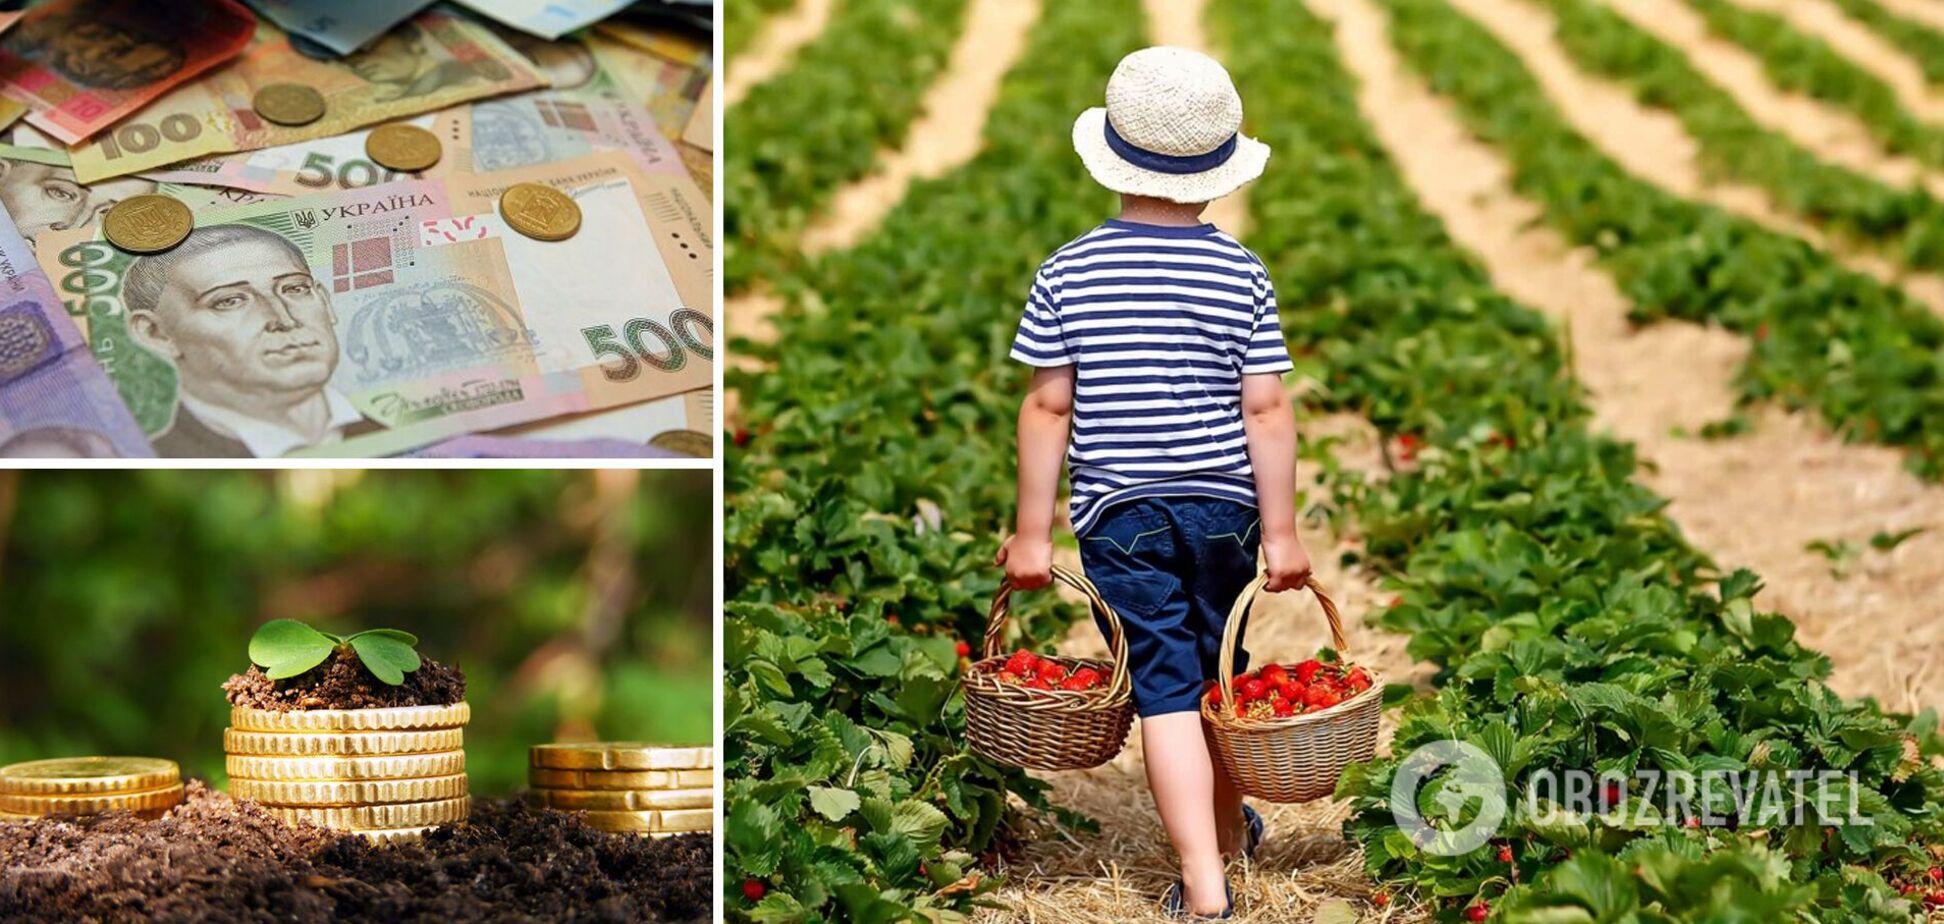 Власників городів змусять платити податки